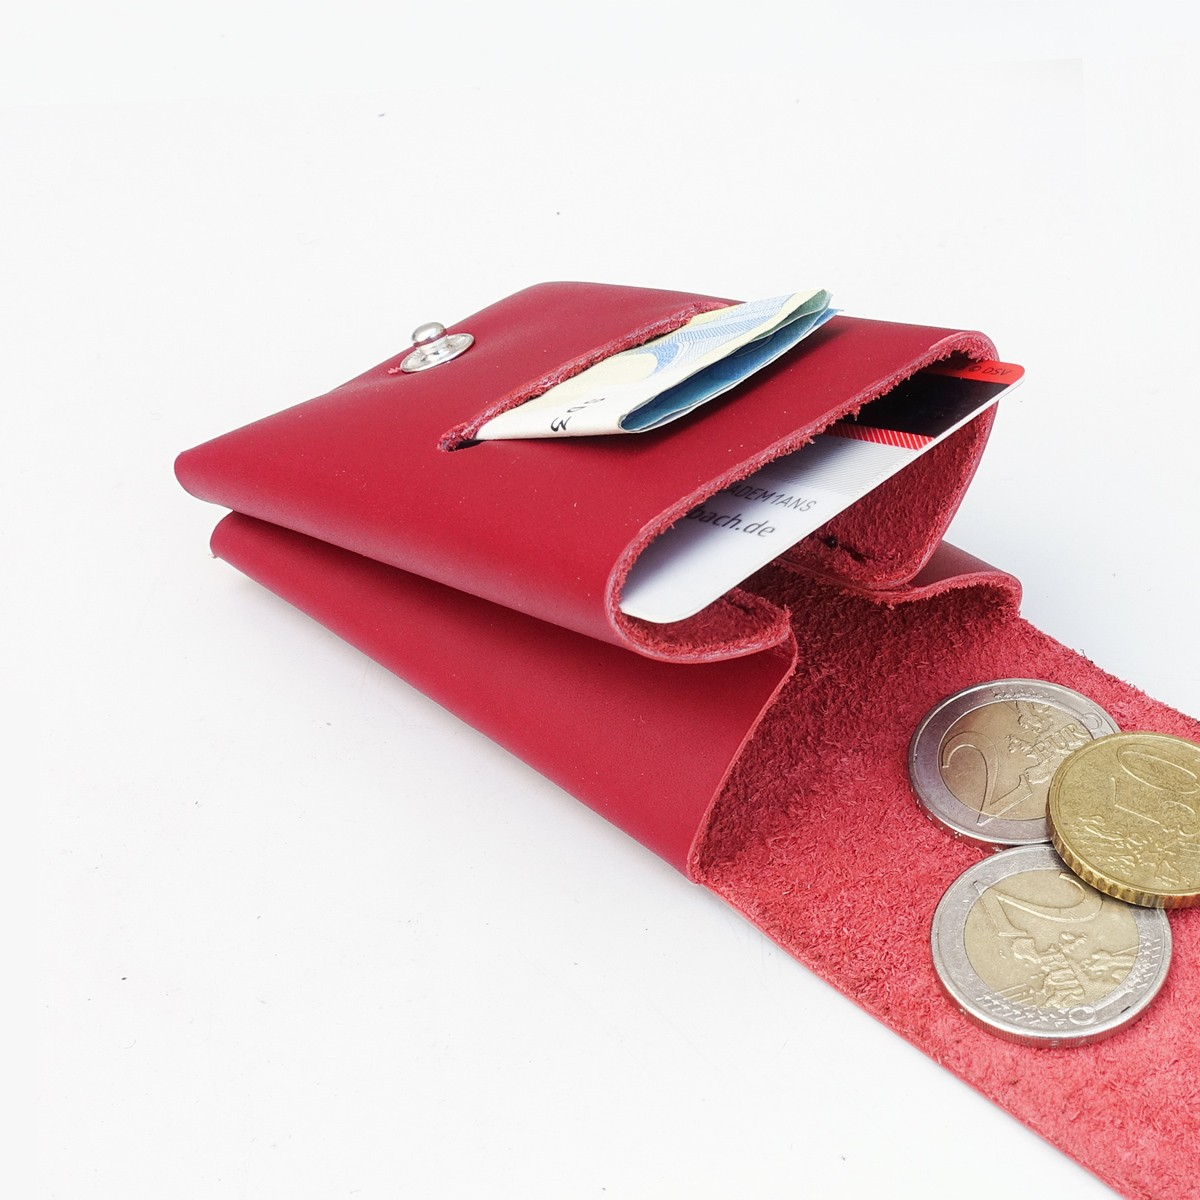 Geldbörse mini, Börse, Leder, Slimwallet, handgenäht, viele Farben